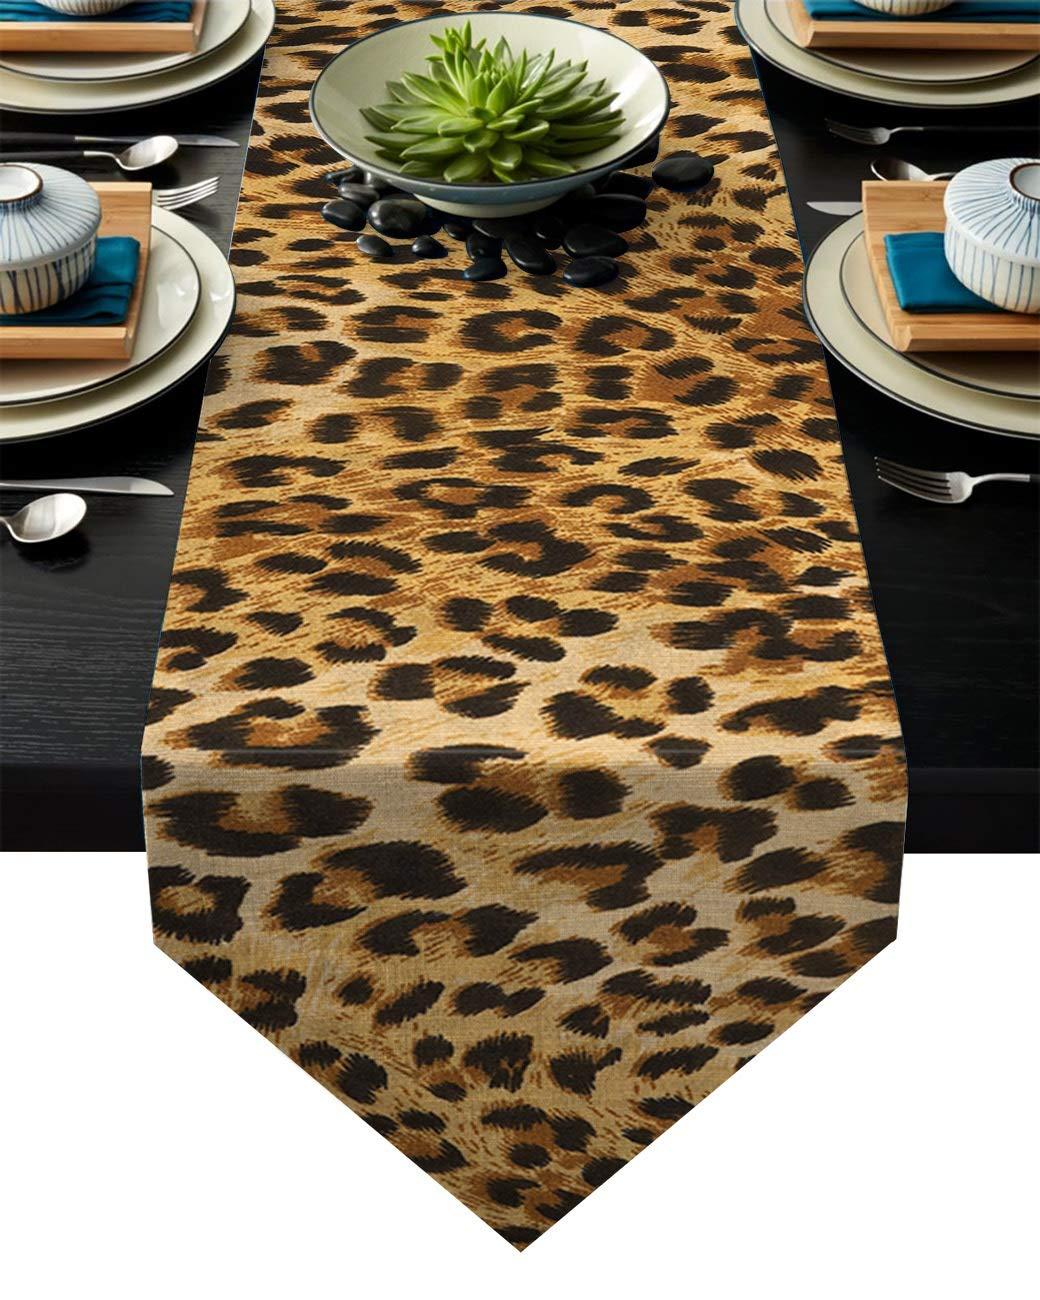 XYZDZ Hermosa Piel de Leopardo Manteles tablerunner Decoraci/ón de Fiesta del Partido de la Vendimia de la Boda Vector Runner peque/ño Picnic Dining-PC 1 Casa Color : A, Size : 33x178cm